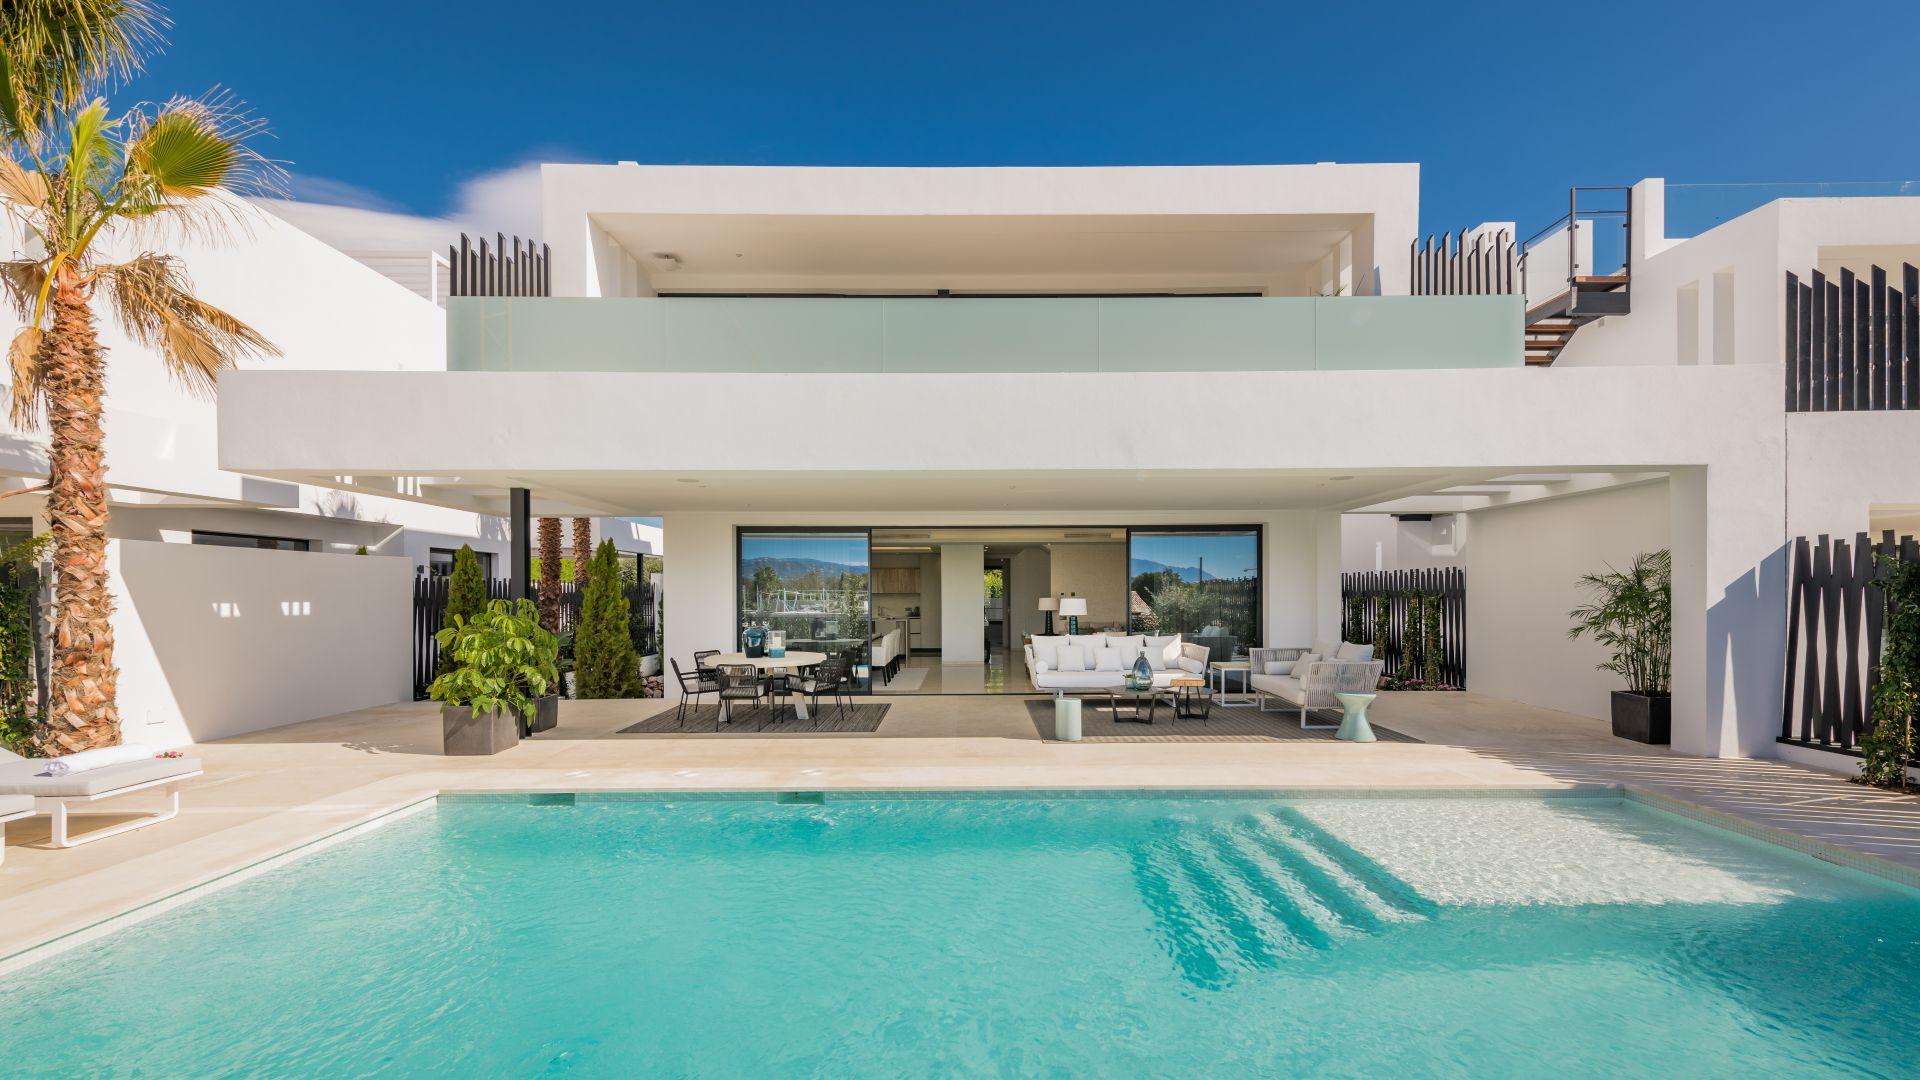 Villas de lujo en Puente Romano, Altos de Puente Romano, Marbella Golden Mile, Marbella - Luxury villas and exclusive design | Christie's International Real Estate